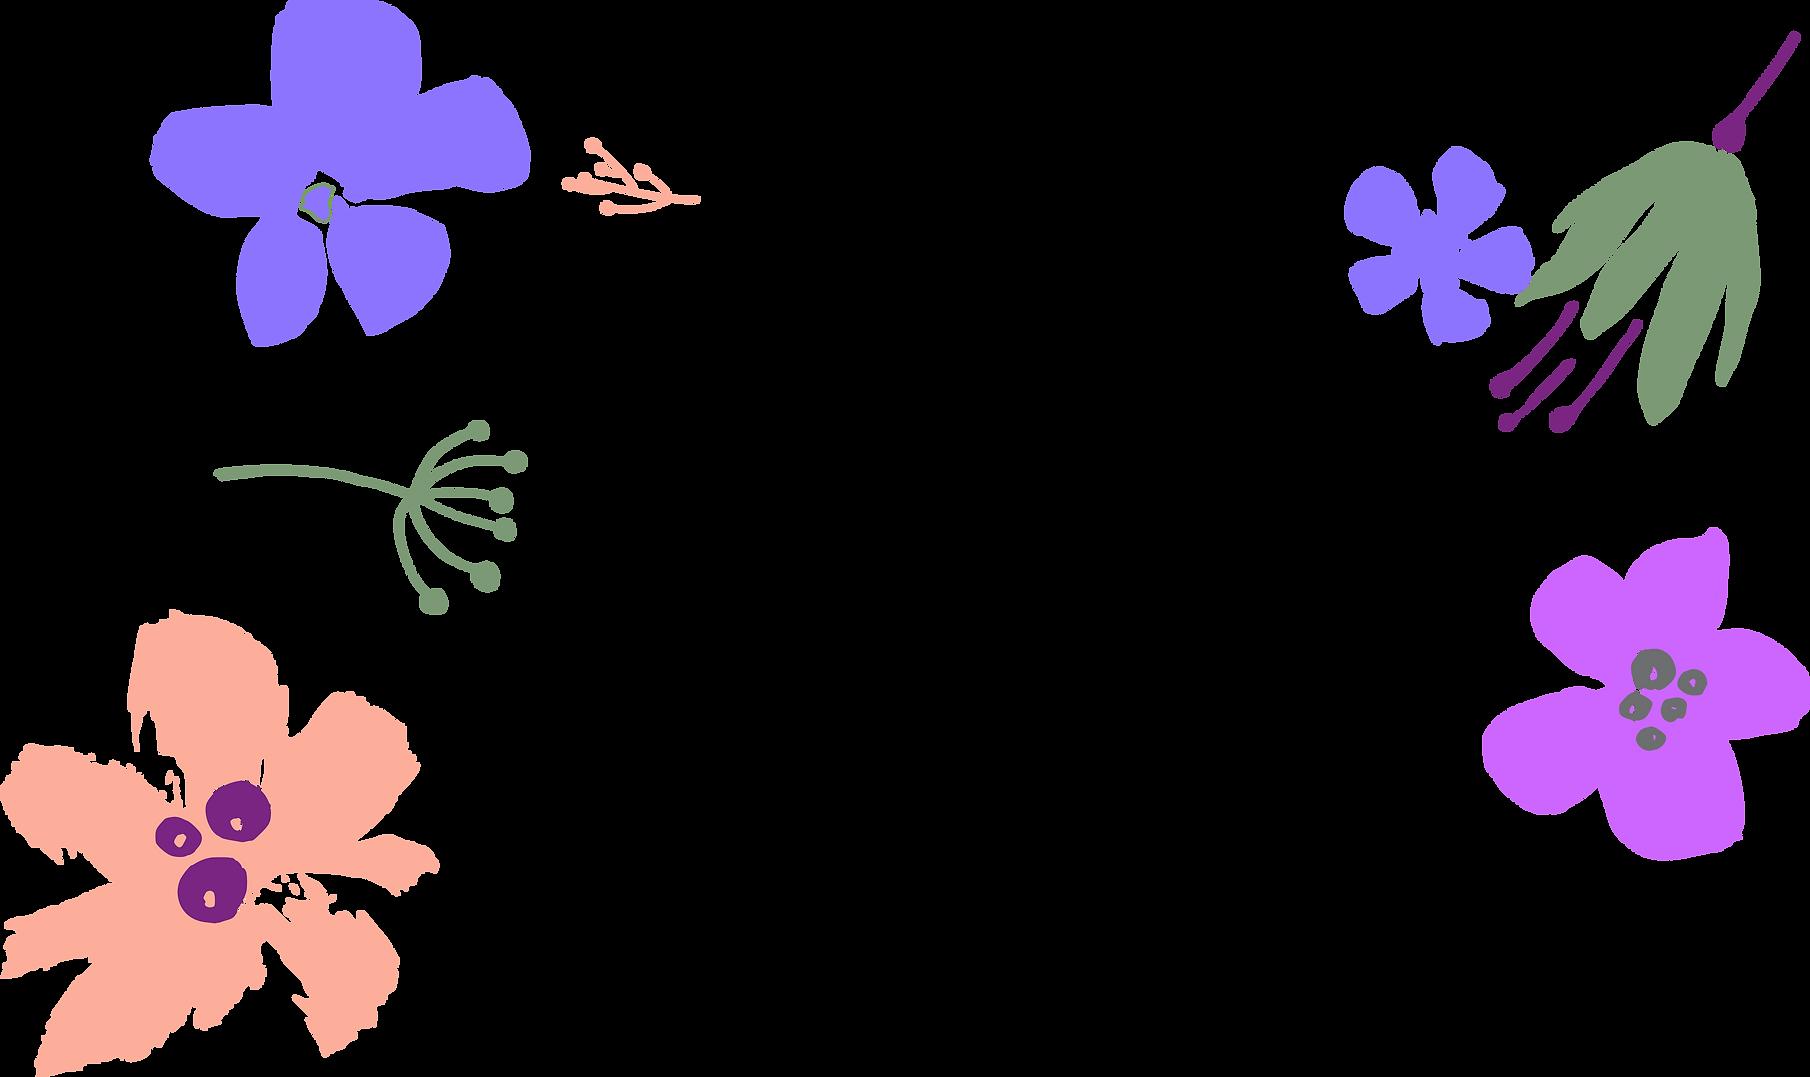 LadiesInTraining_ART_homepage Flowers.pn